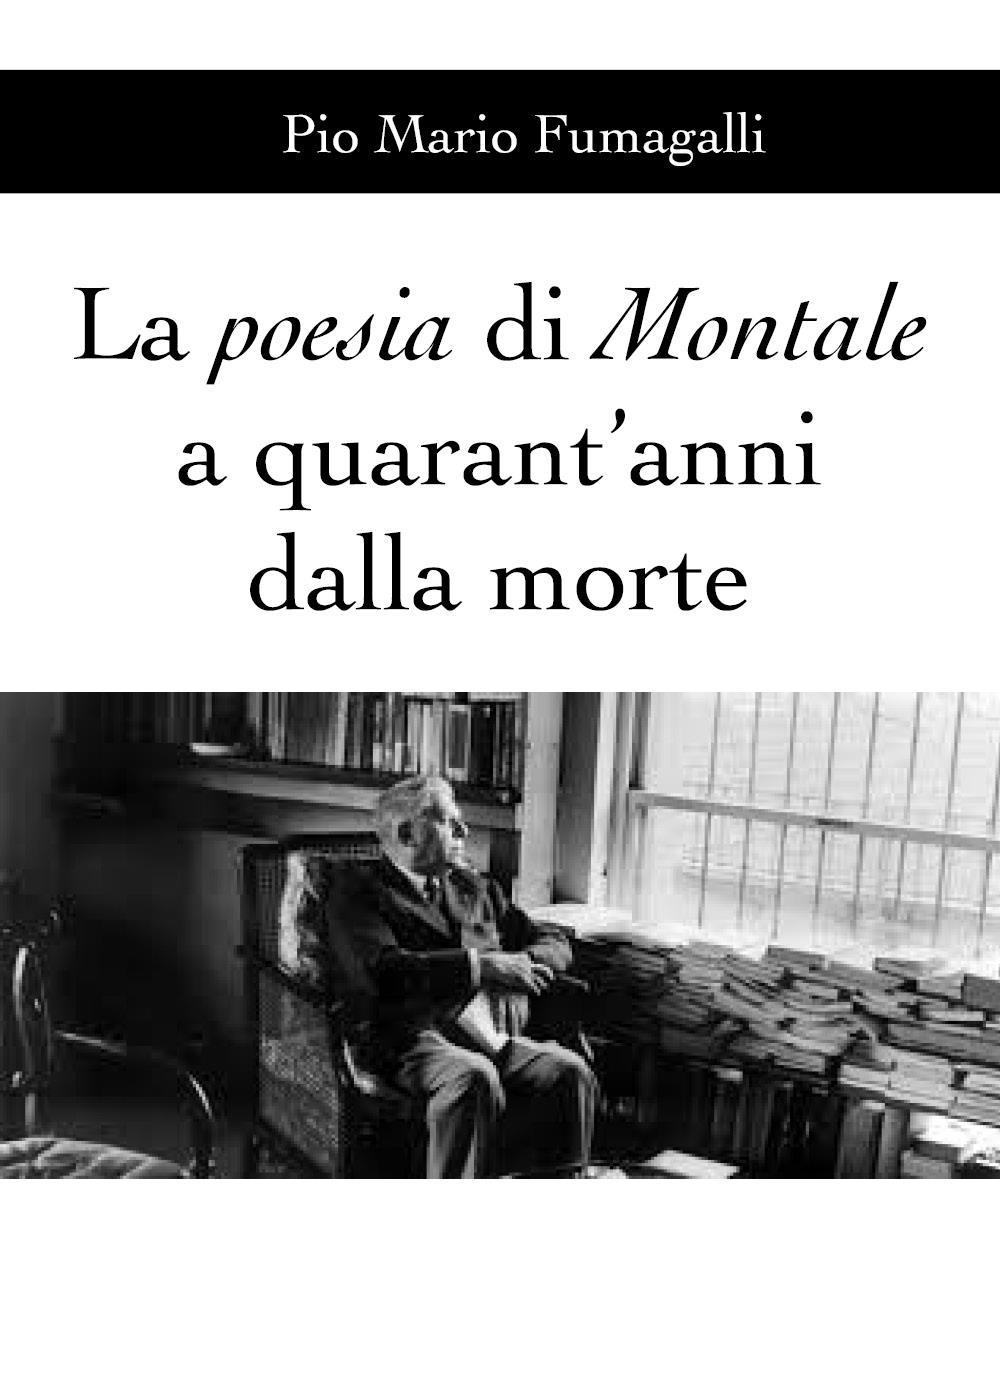 La poesia di Montale a quarant'anni dalla morte